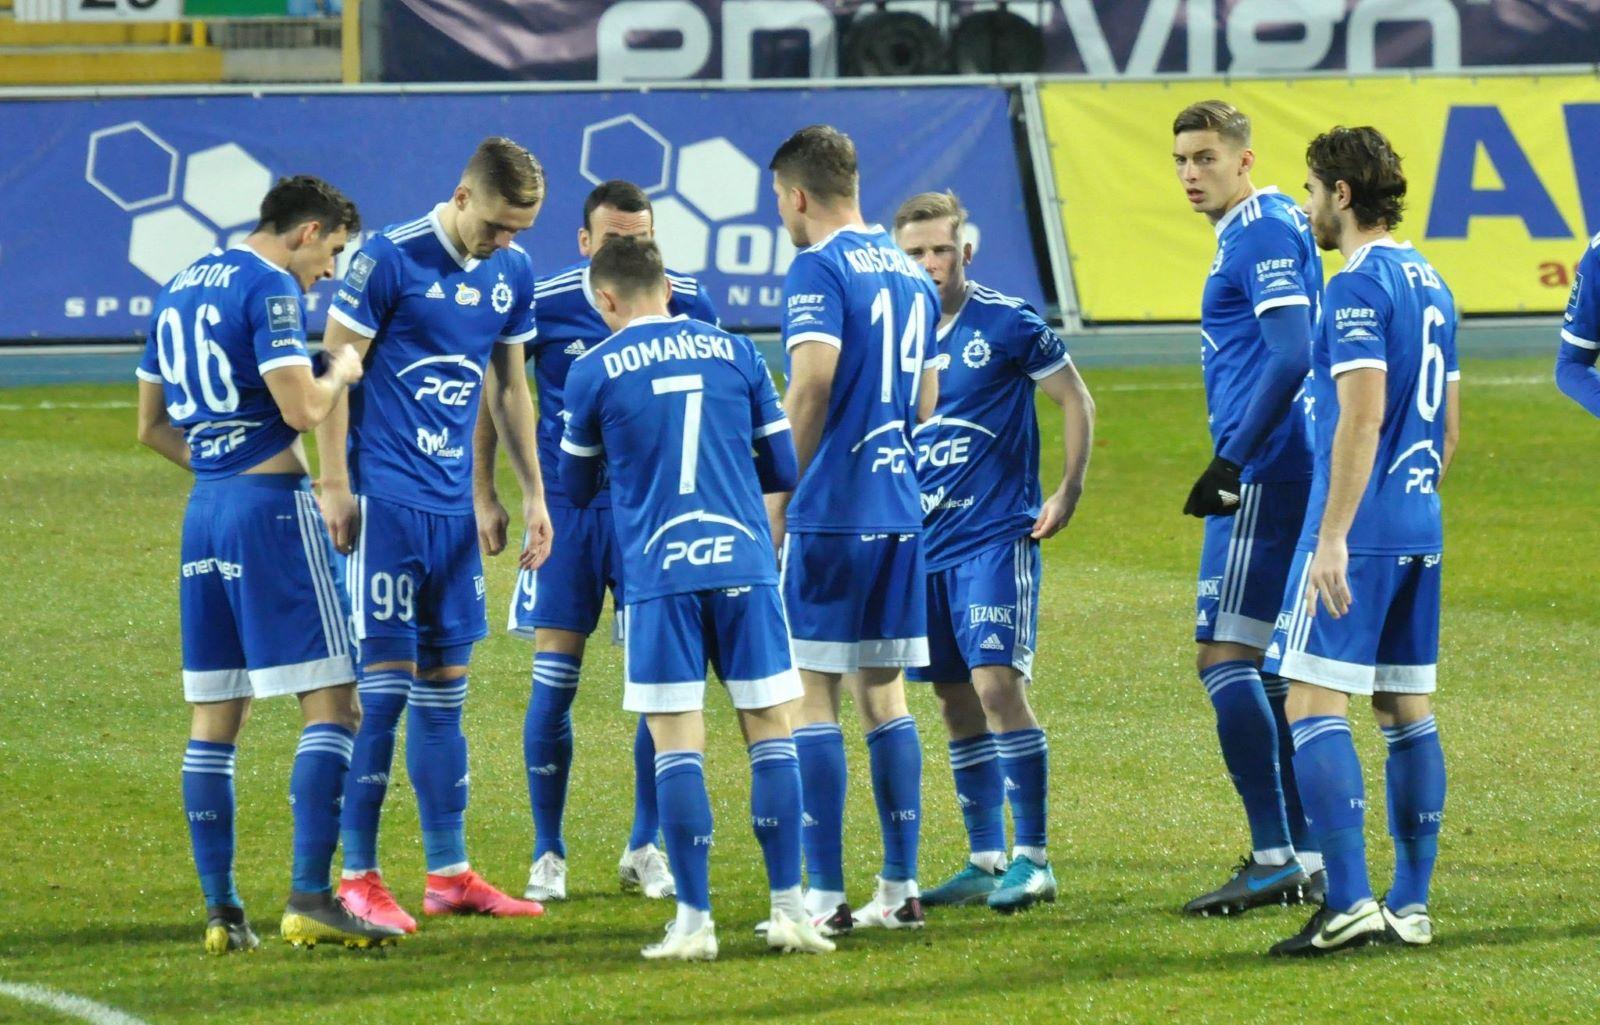 Co za mecz! 5 goli i 3 rzuty karne w starciu Stali Mielec z Legią Warszawa - Zdjęcie główne